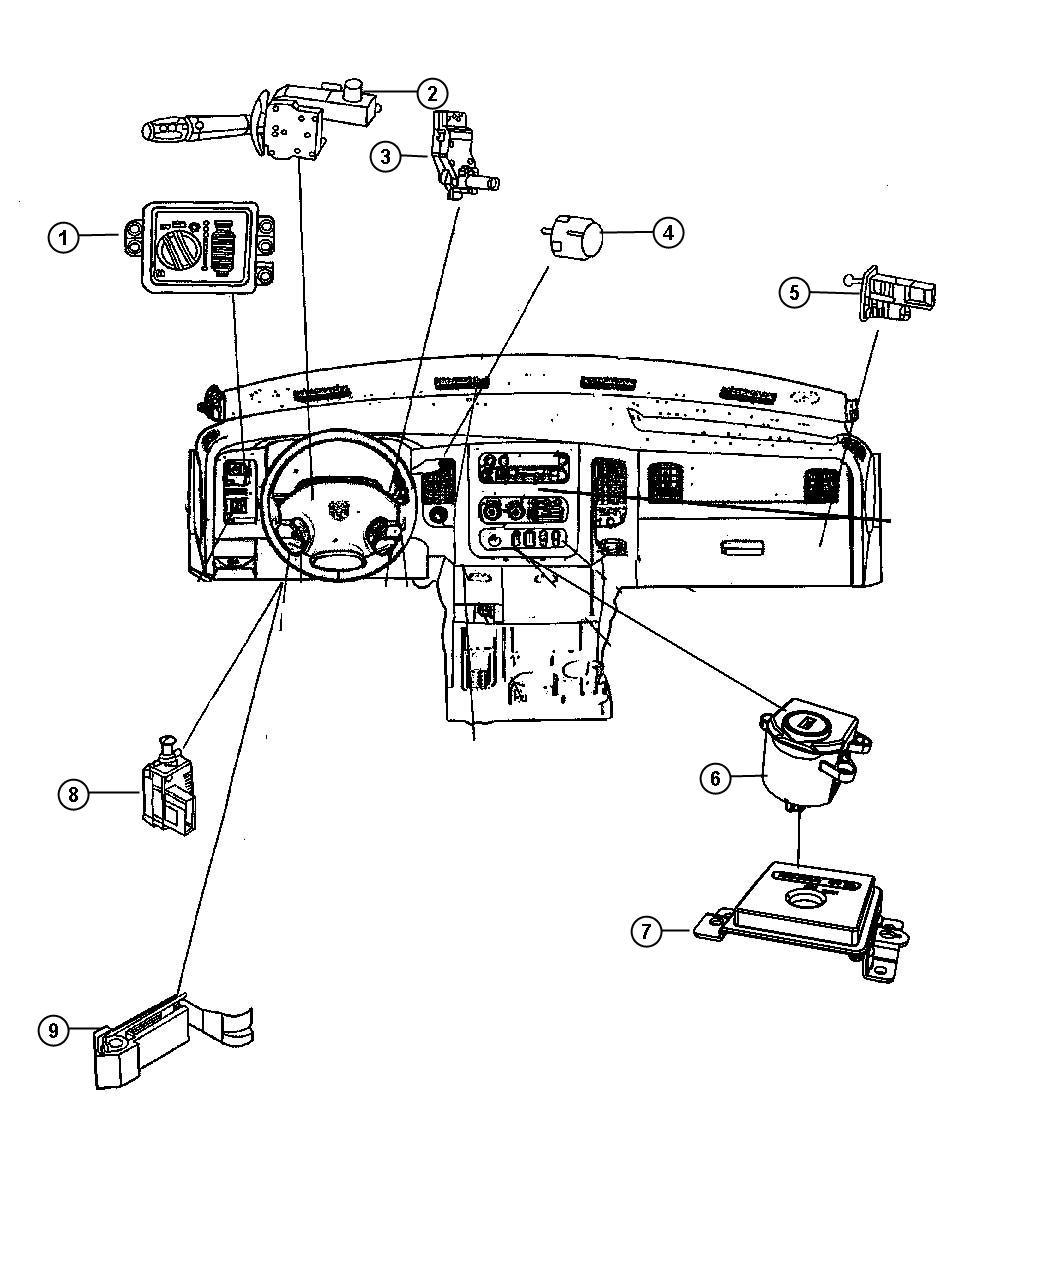 Dodge Switch Ignition Wiperstilt Columnhybrid